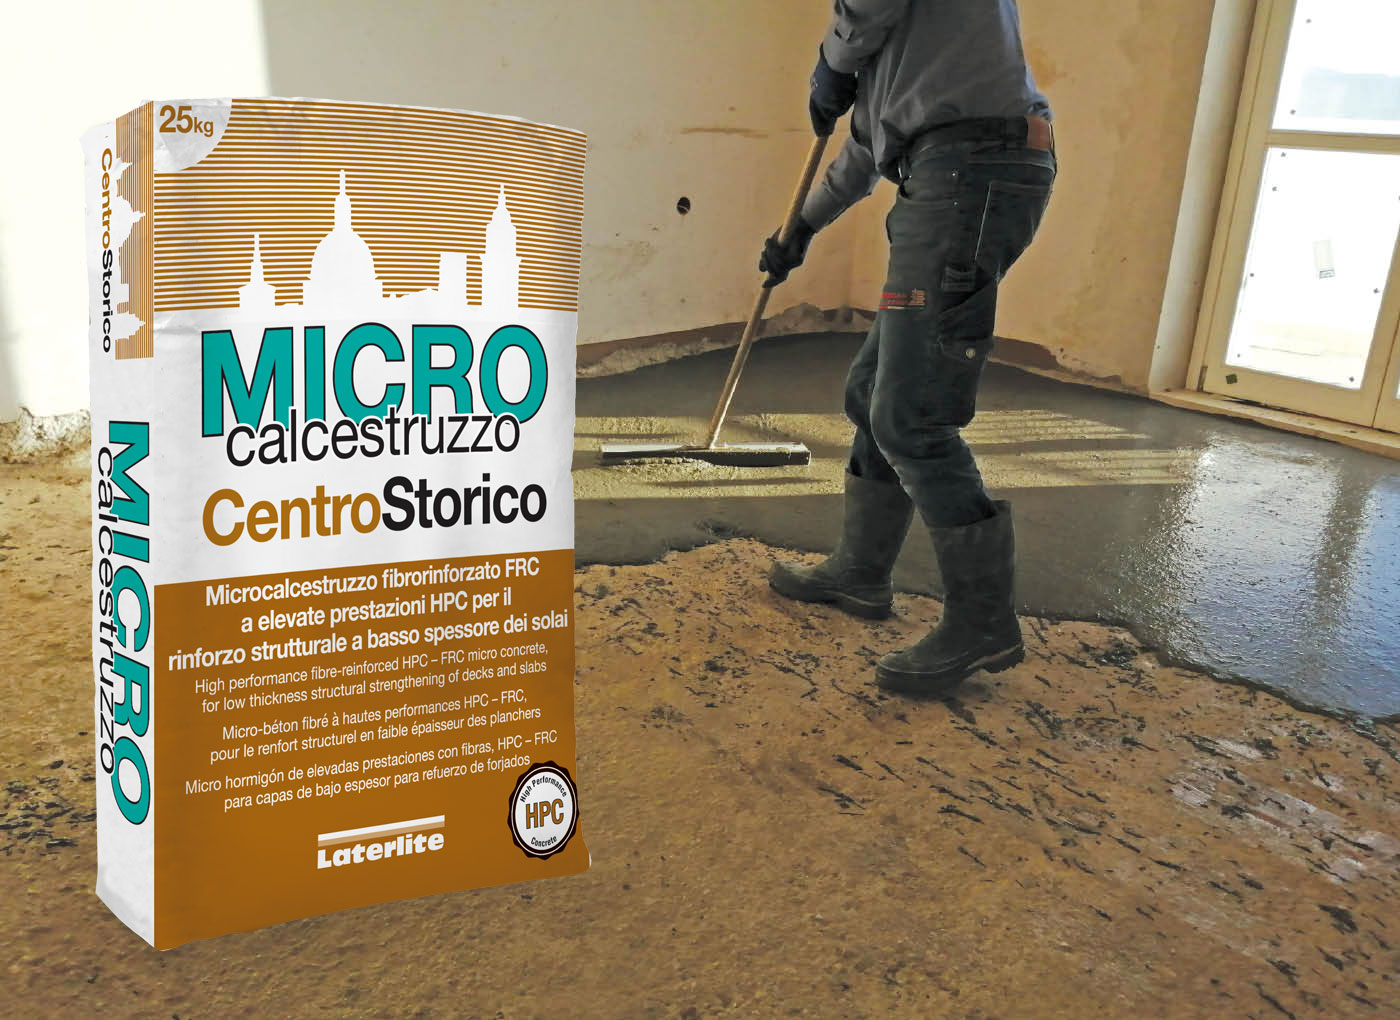 micro-calcestruzzo-centrostorico-news